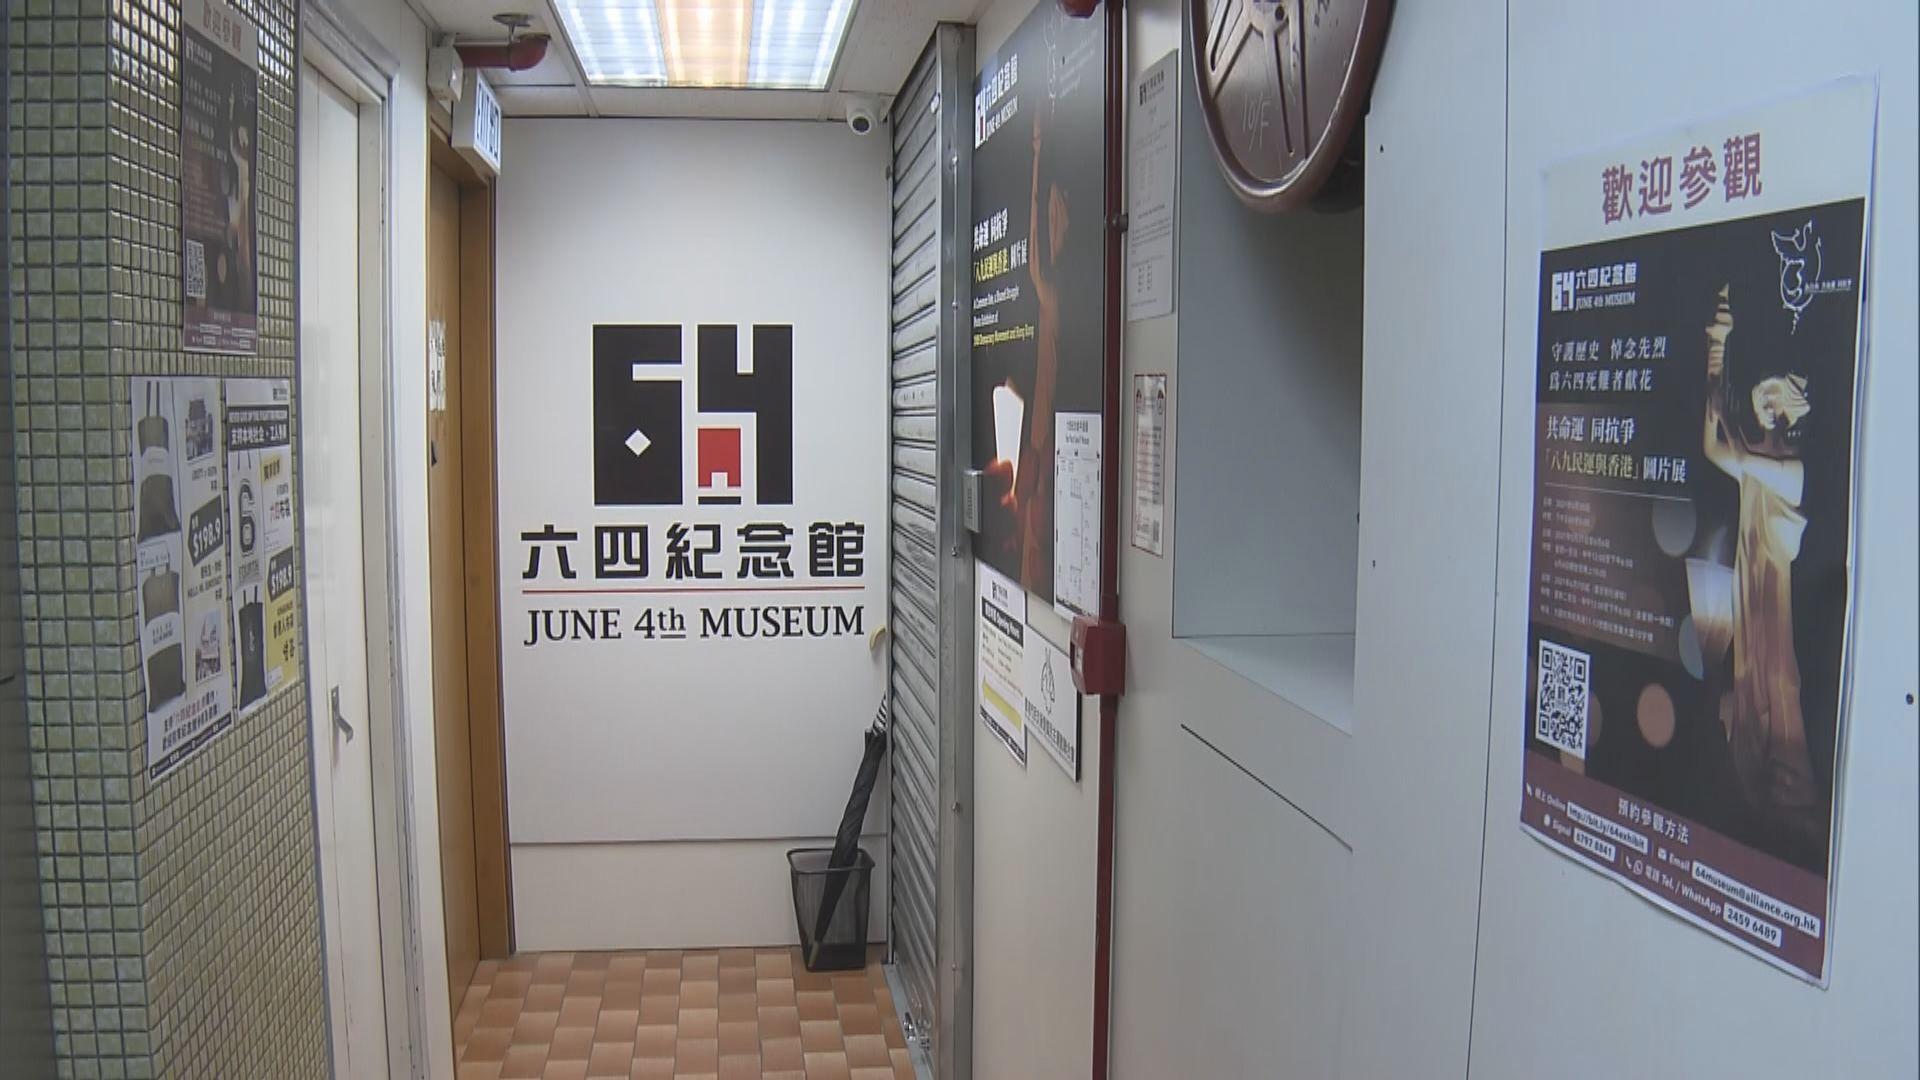 蔡耀昌:政治法律風險層出不窮 料六四前難重開紀念館